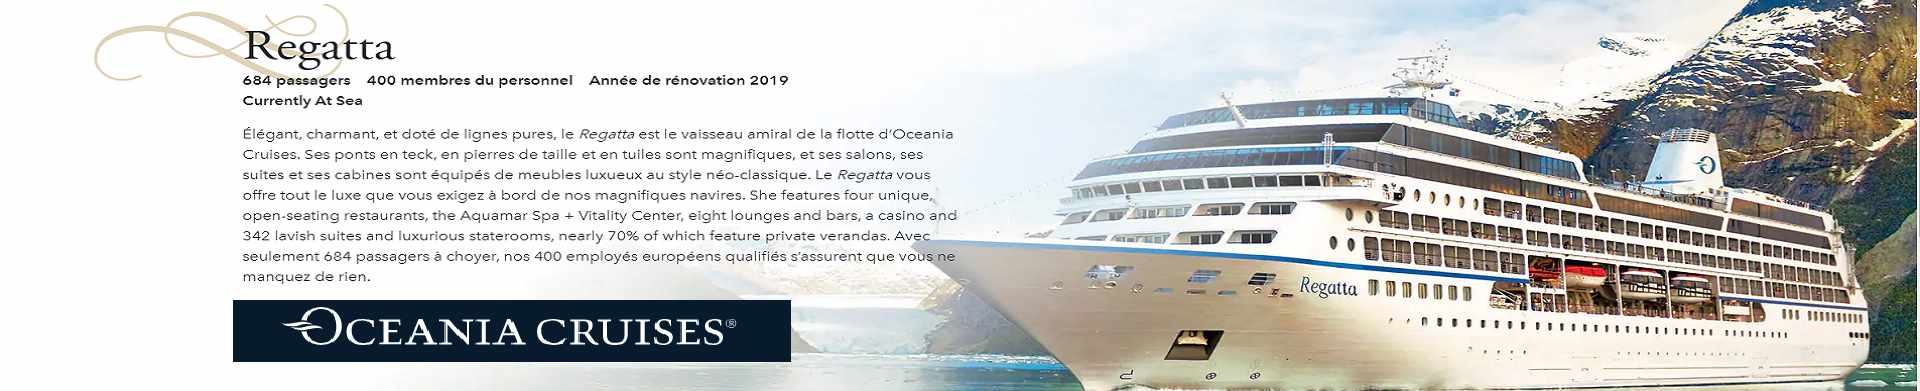 Oceania Regatta